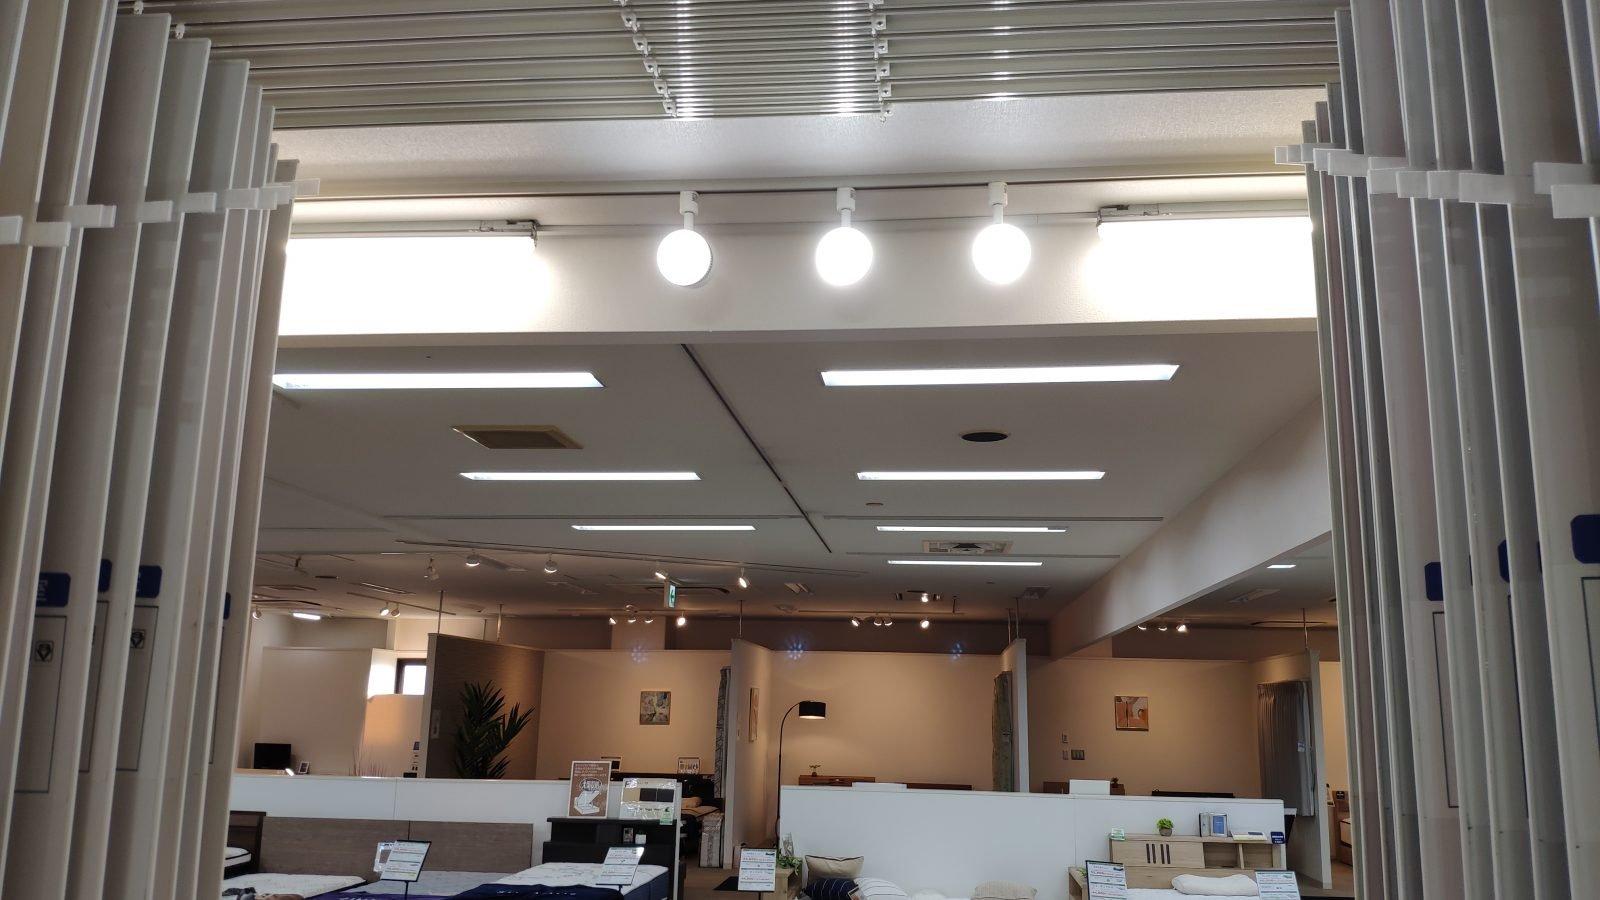 クロスの展示コーナーの照明の色は昼白色でした